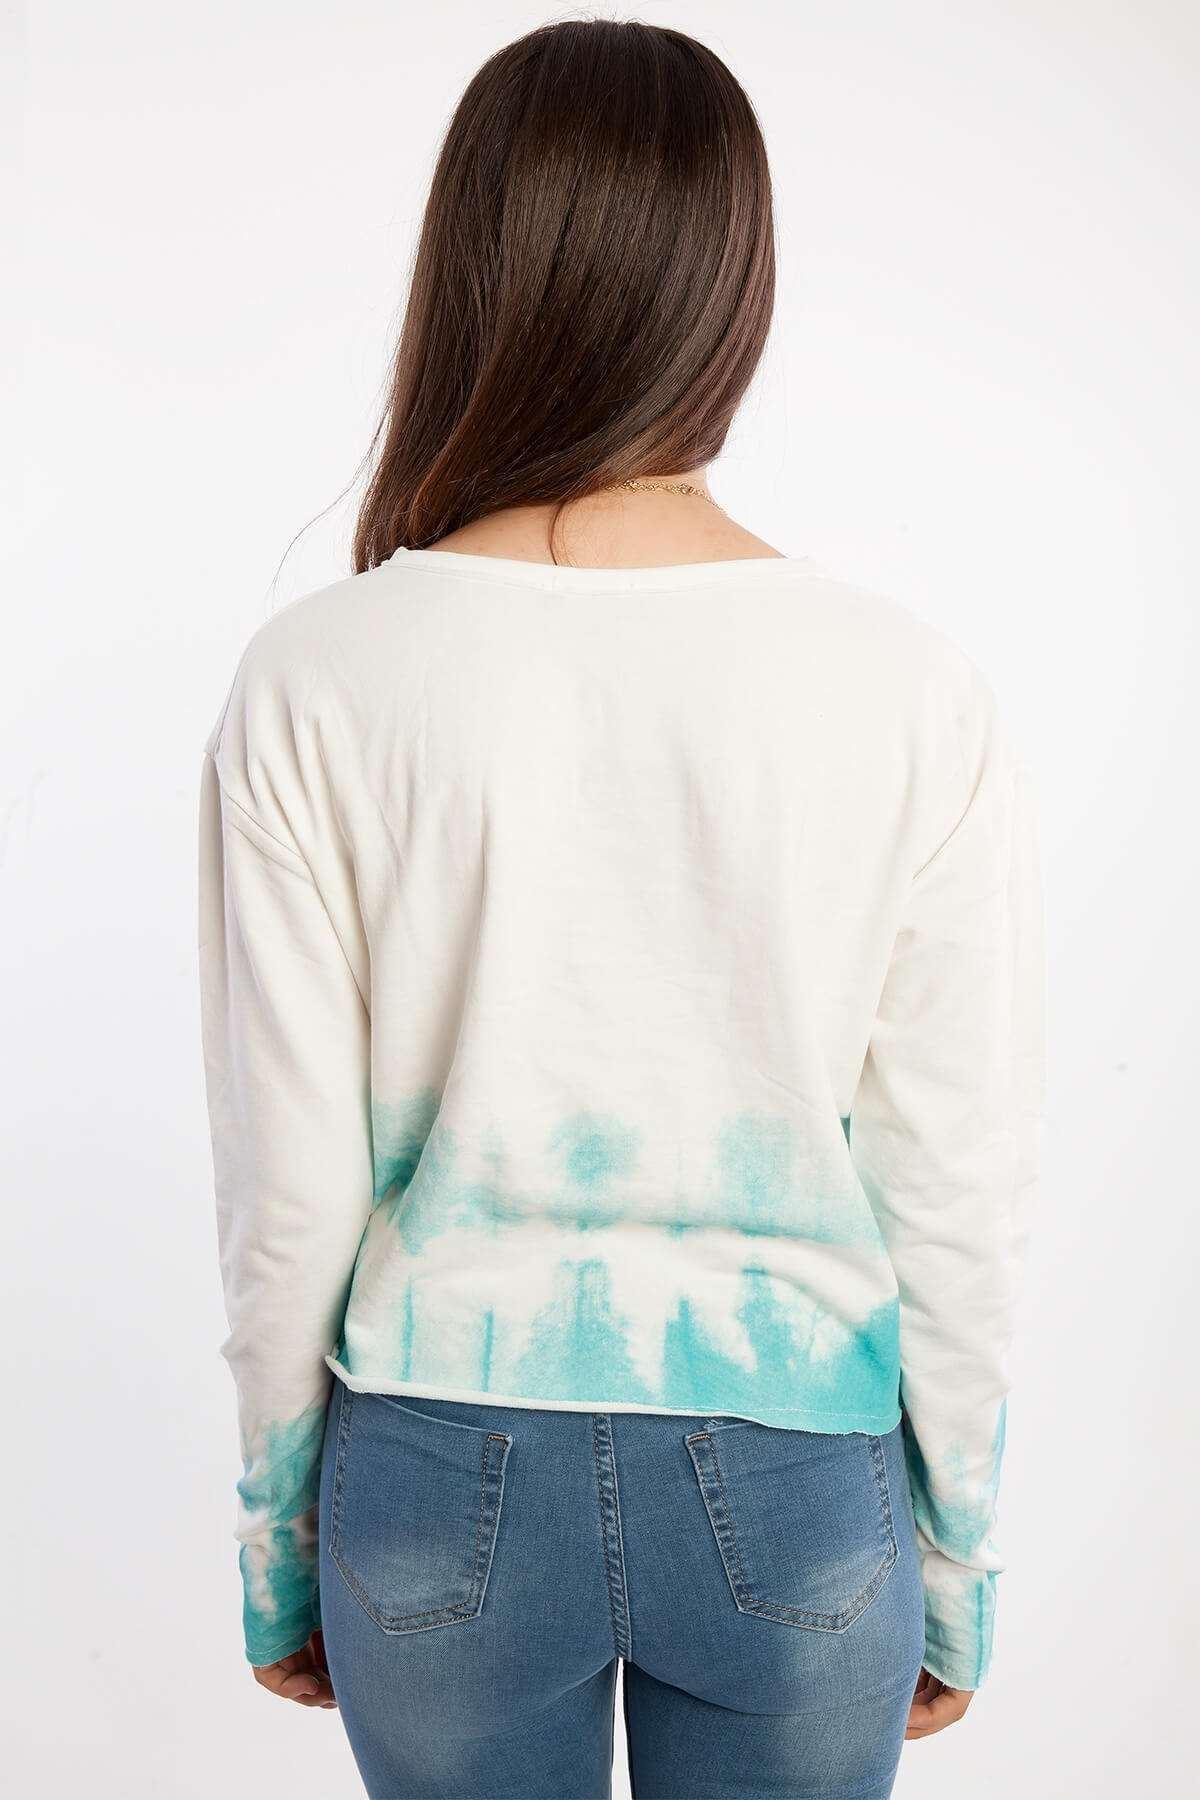 Boncuklu Altı Renk Detaylı Kısa Sweatshirt Beyaz